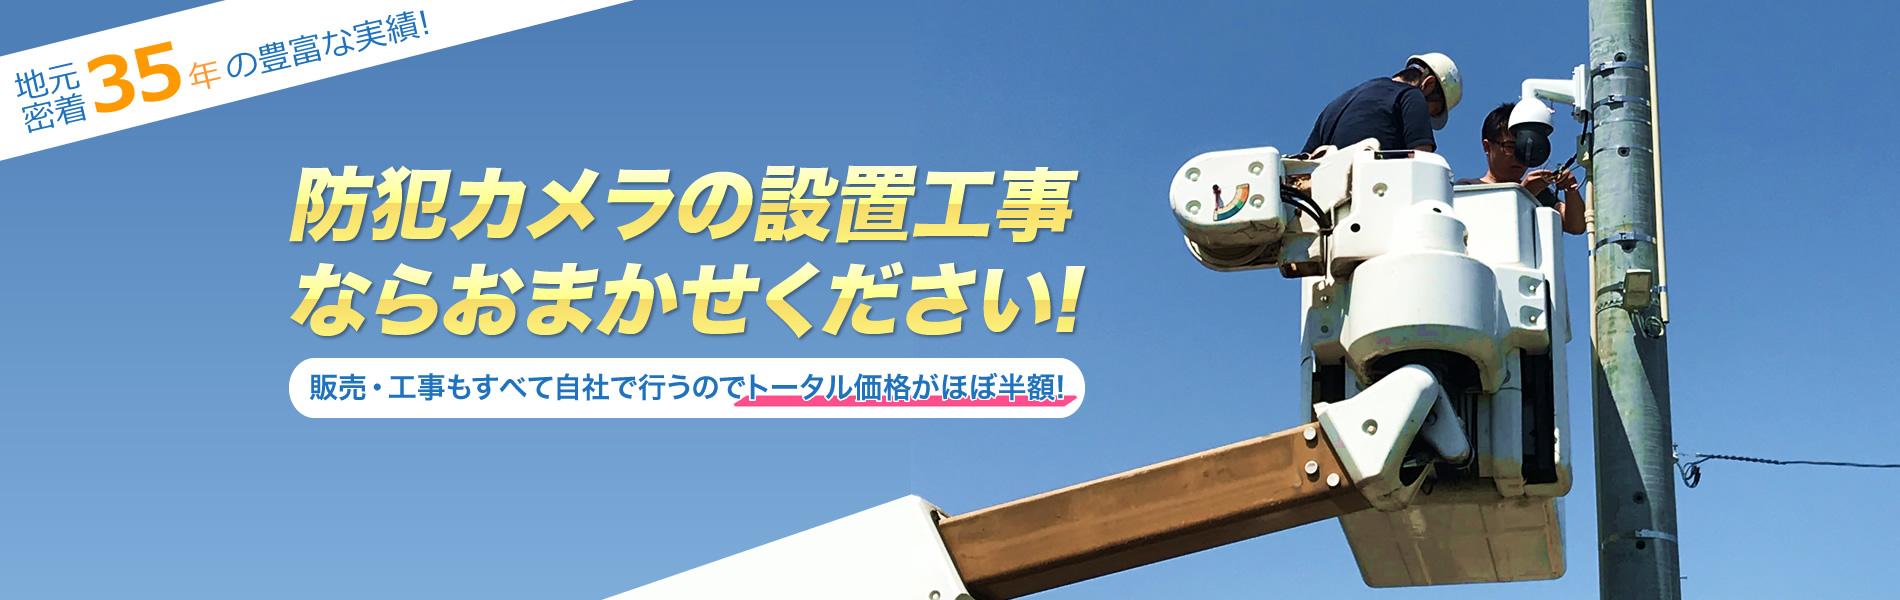 新潟県の防犯カメラ・監視カメラの設置工事はマルタケ通信にお任せください!